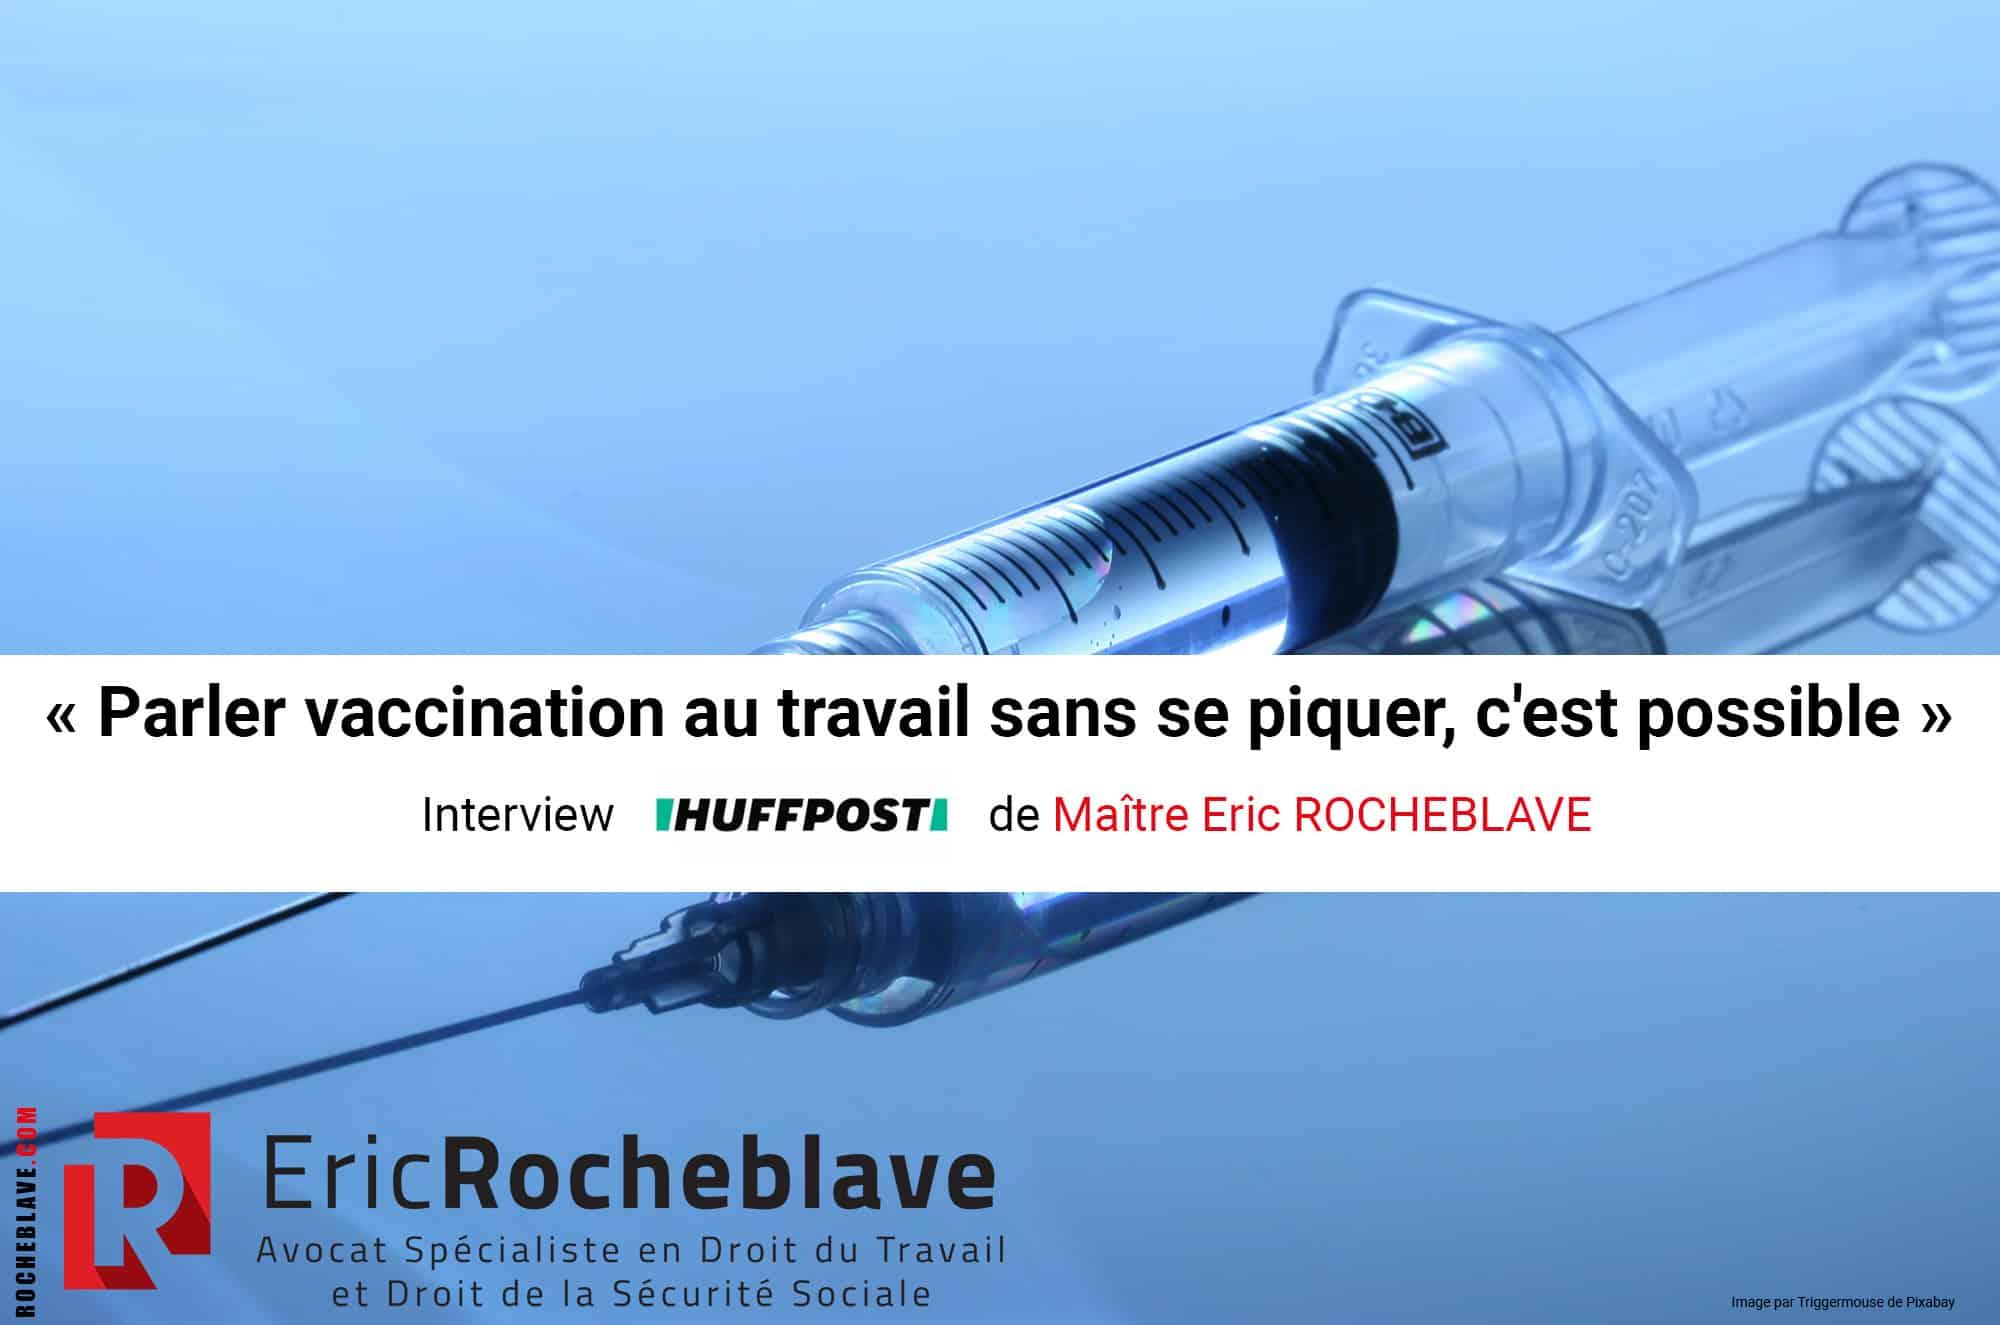 « Parler vaccination au travail sans se piquer, c'est possible » Interview HUFFPOST de Maître Eric ROCHEBLAVE